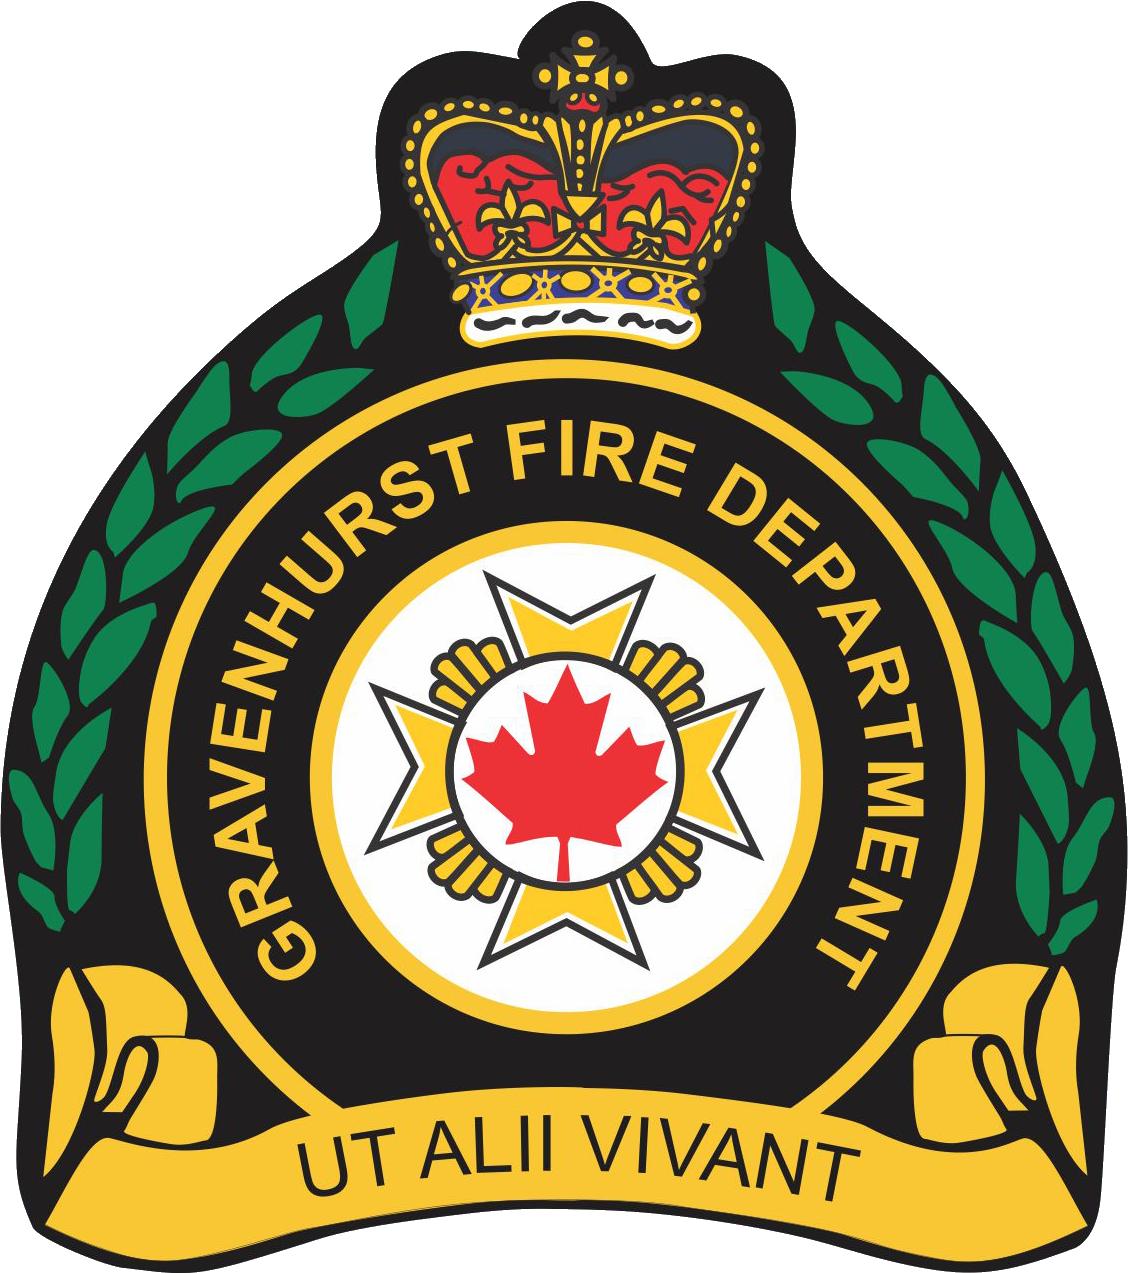 GRAVENHURST FIRE DPT.